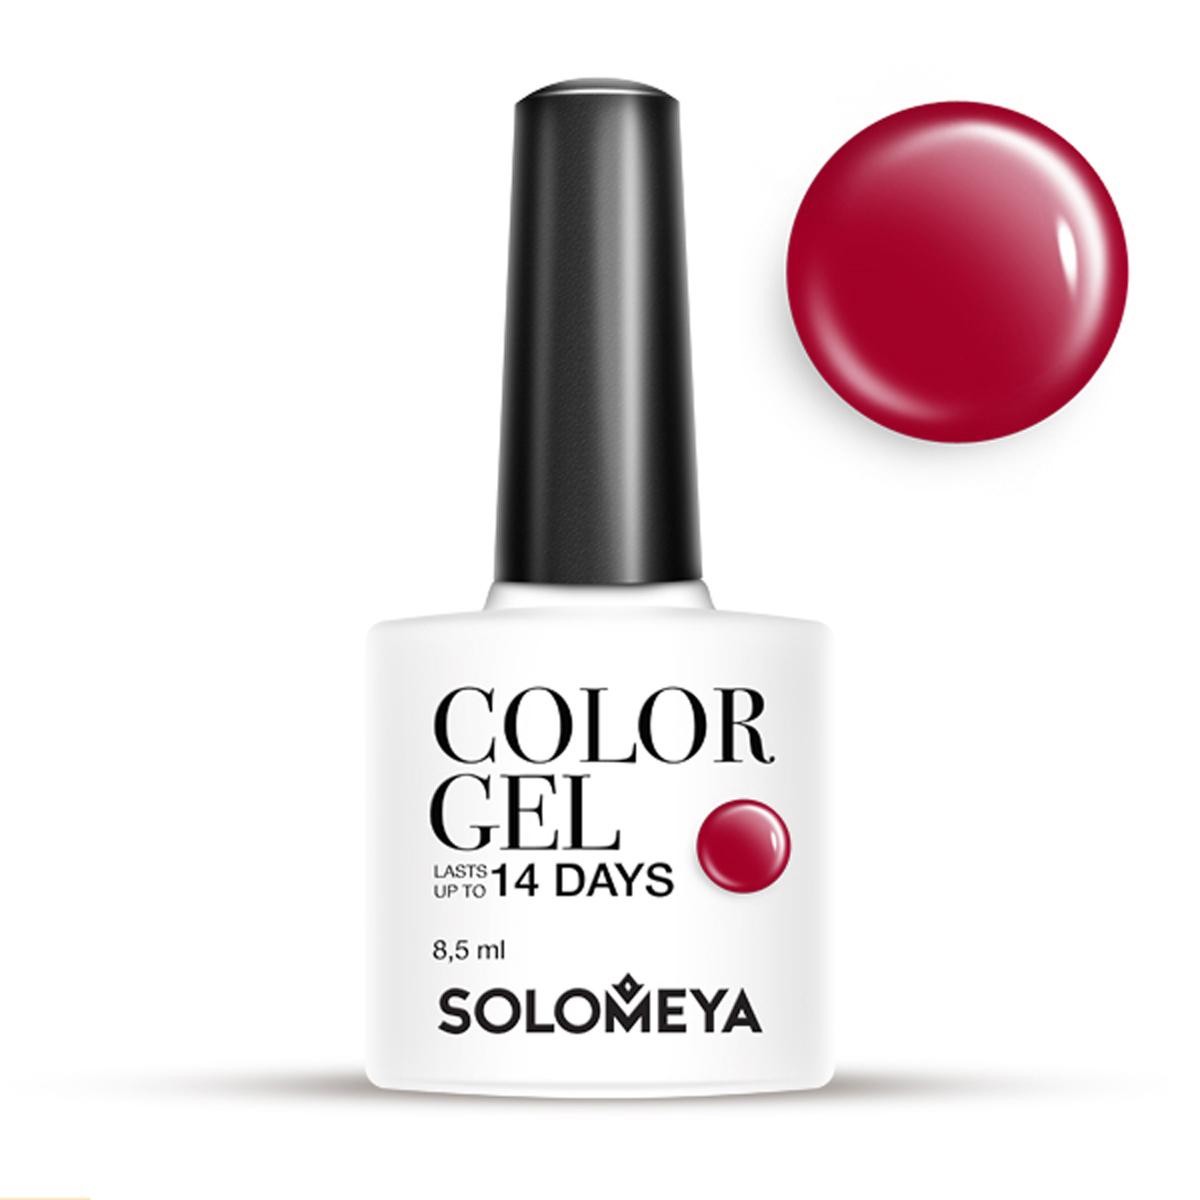 Solomeya гель-лак для ногтей scg150 светло-вишневый